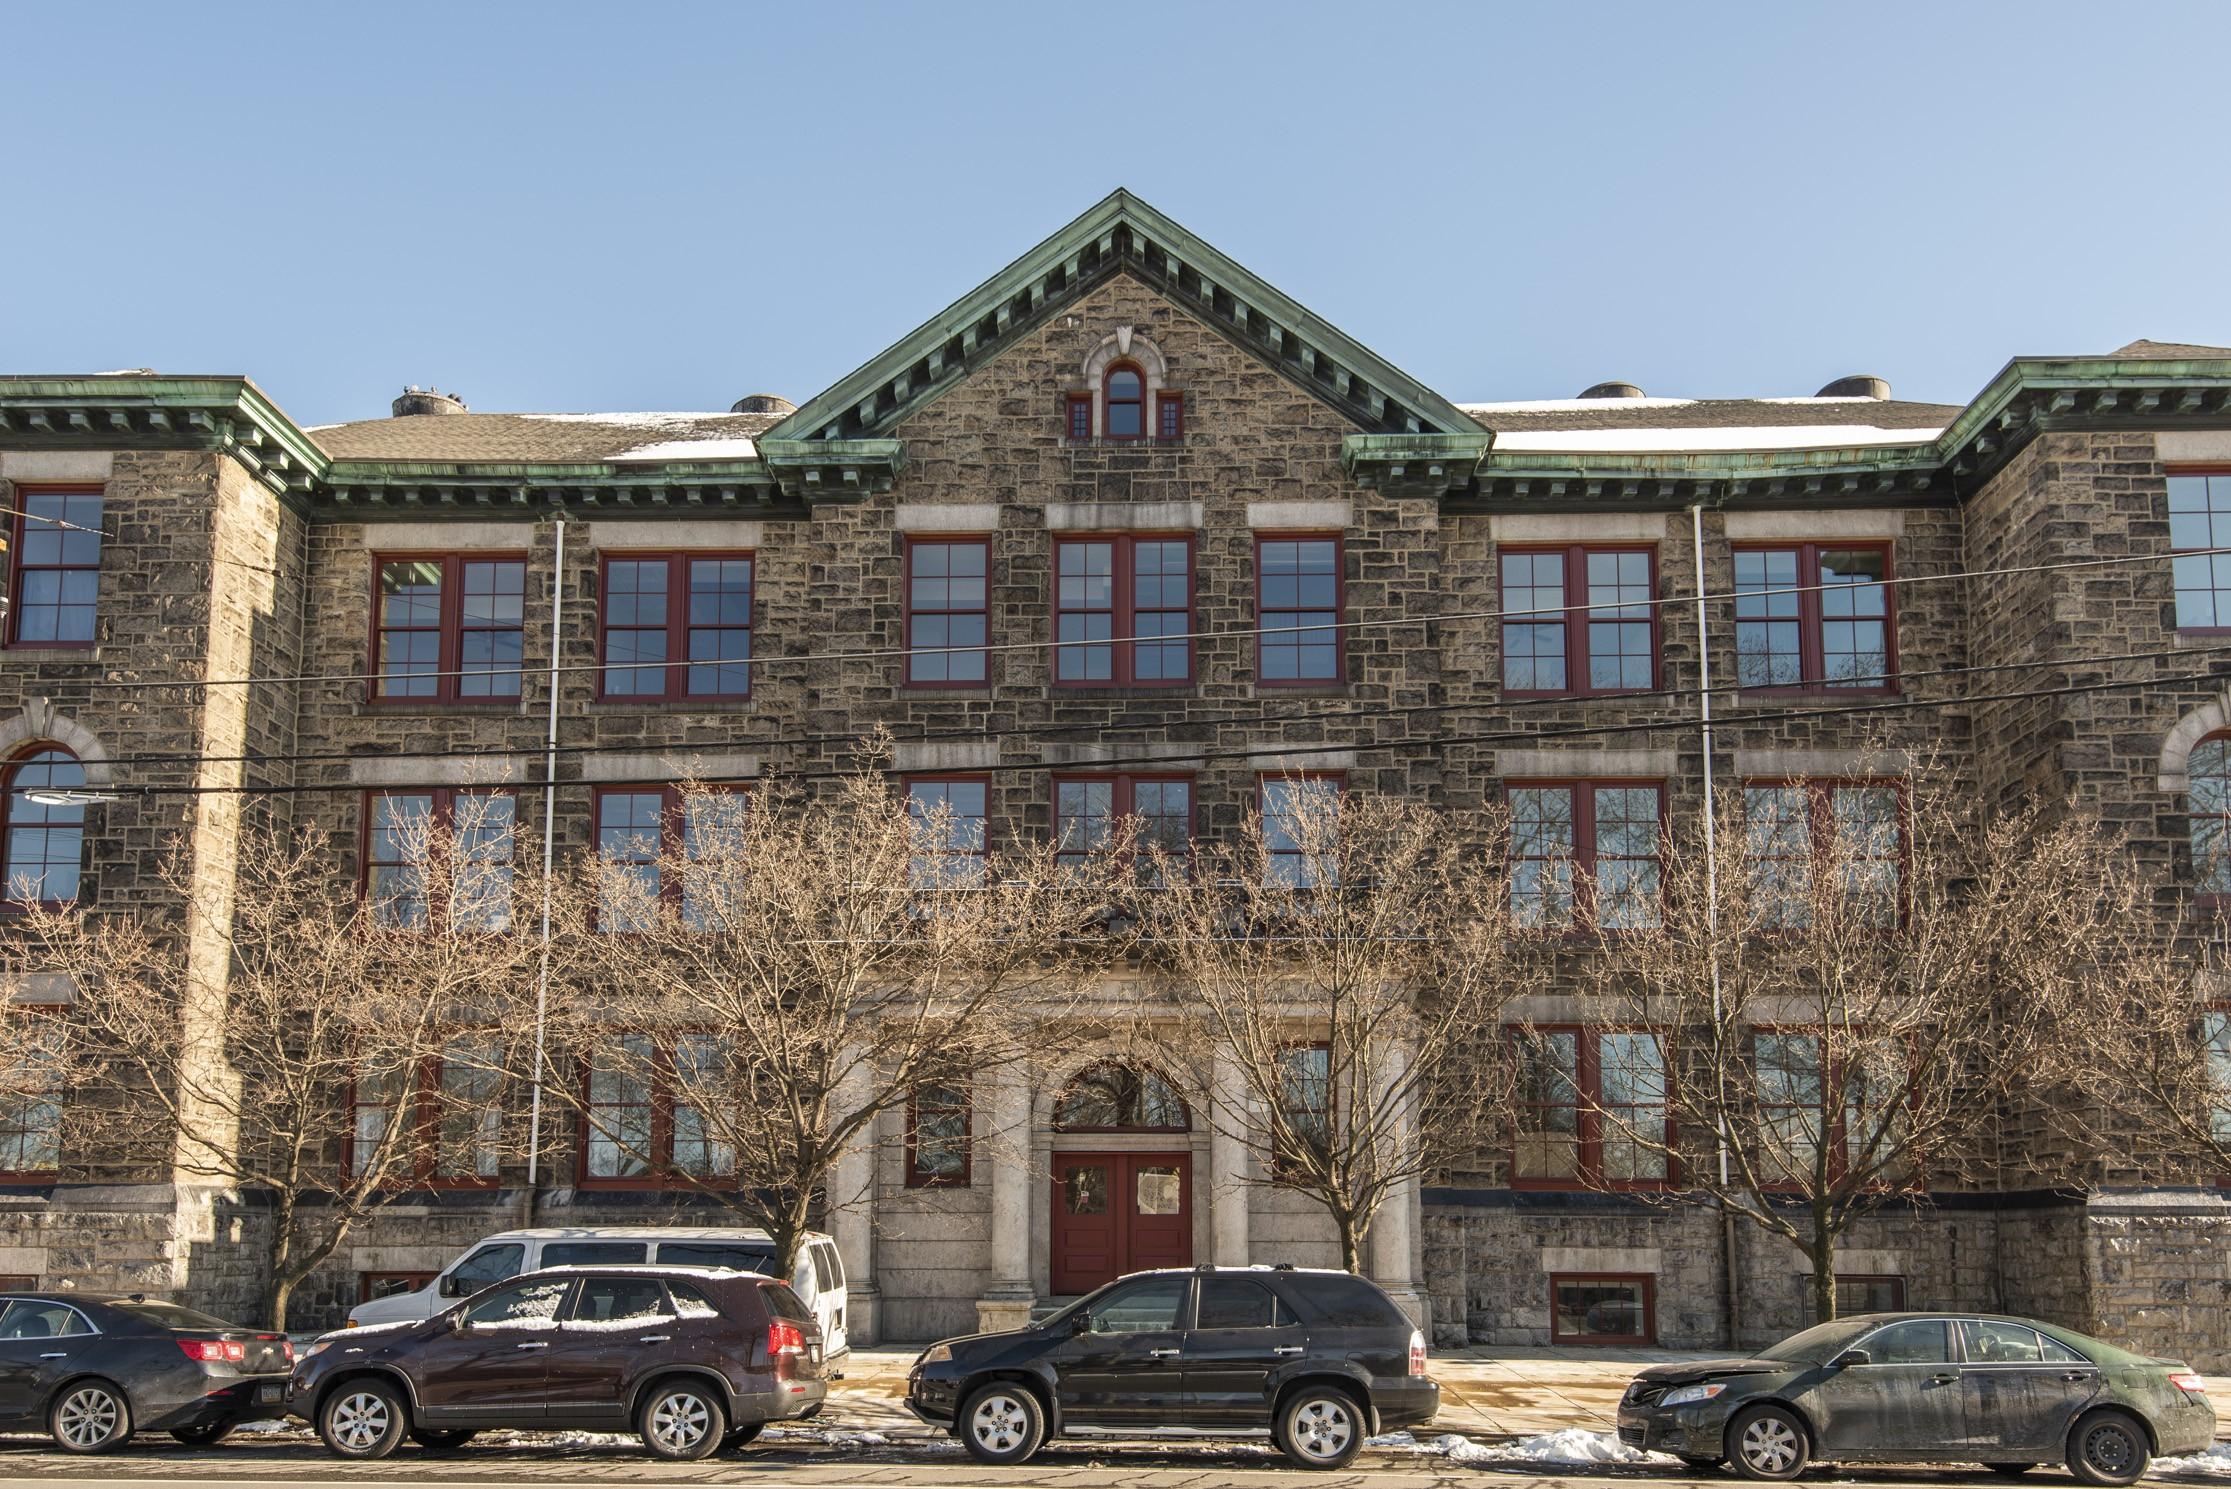 Apartments Near Rowan Abigail Vare for Rowan University Students in Glassboro, NJ